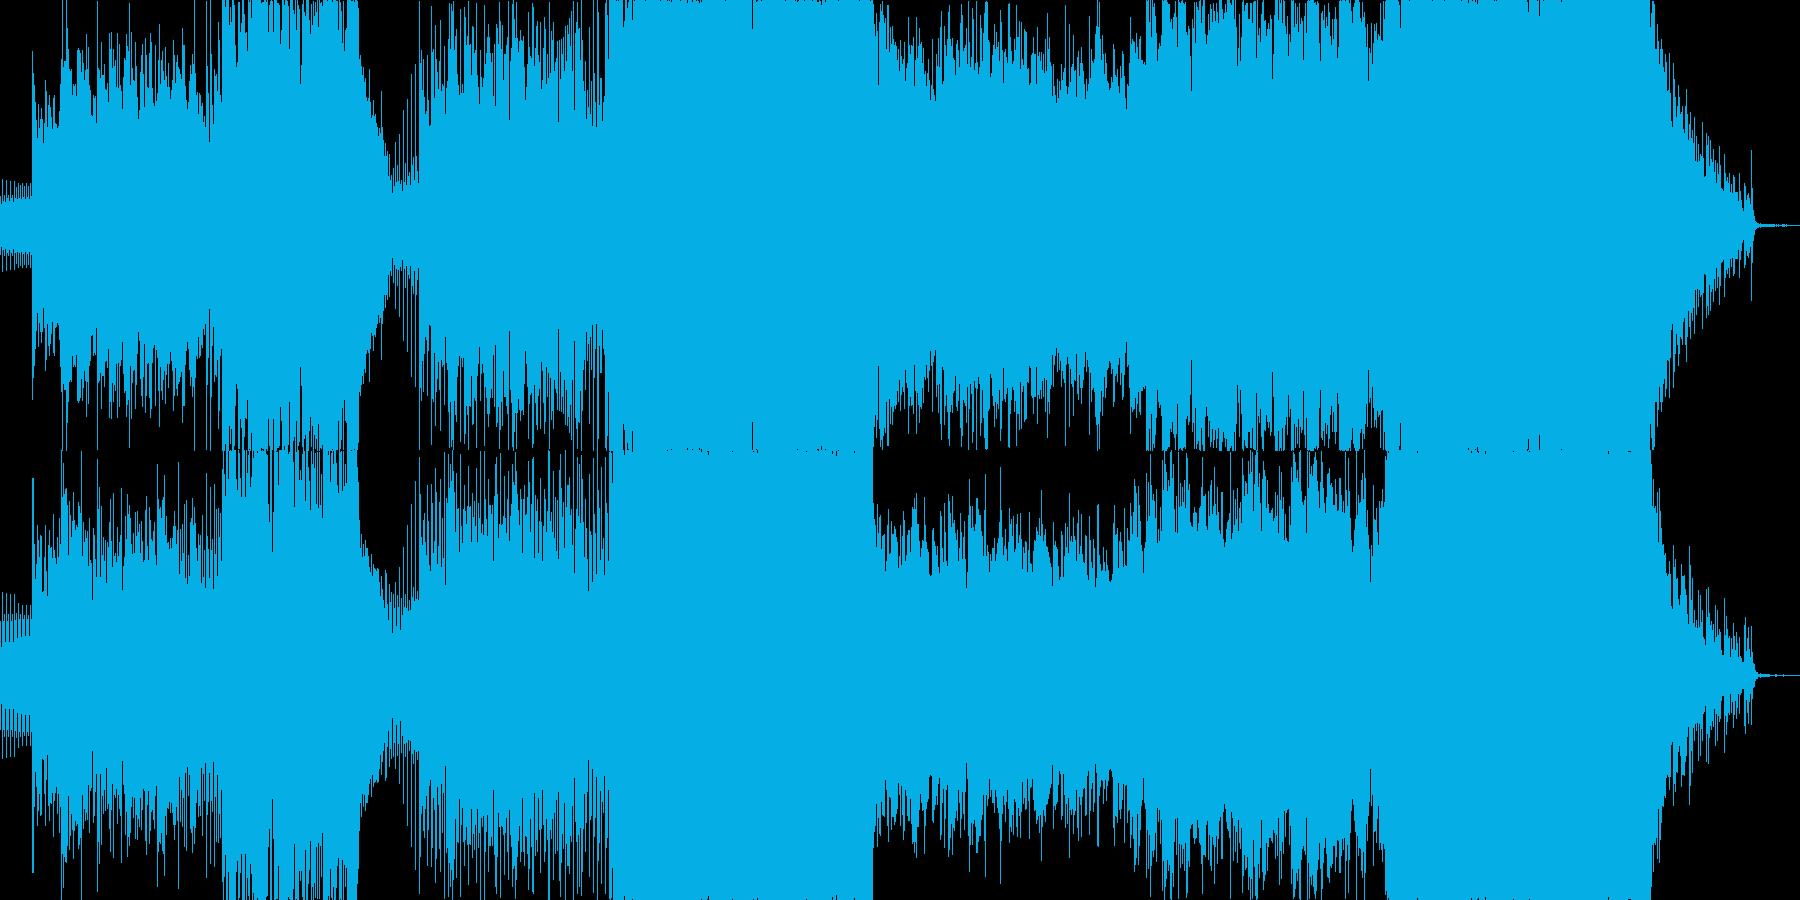 映像系にぴったりな感動壮大オーケストラ風の再生済みの波形